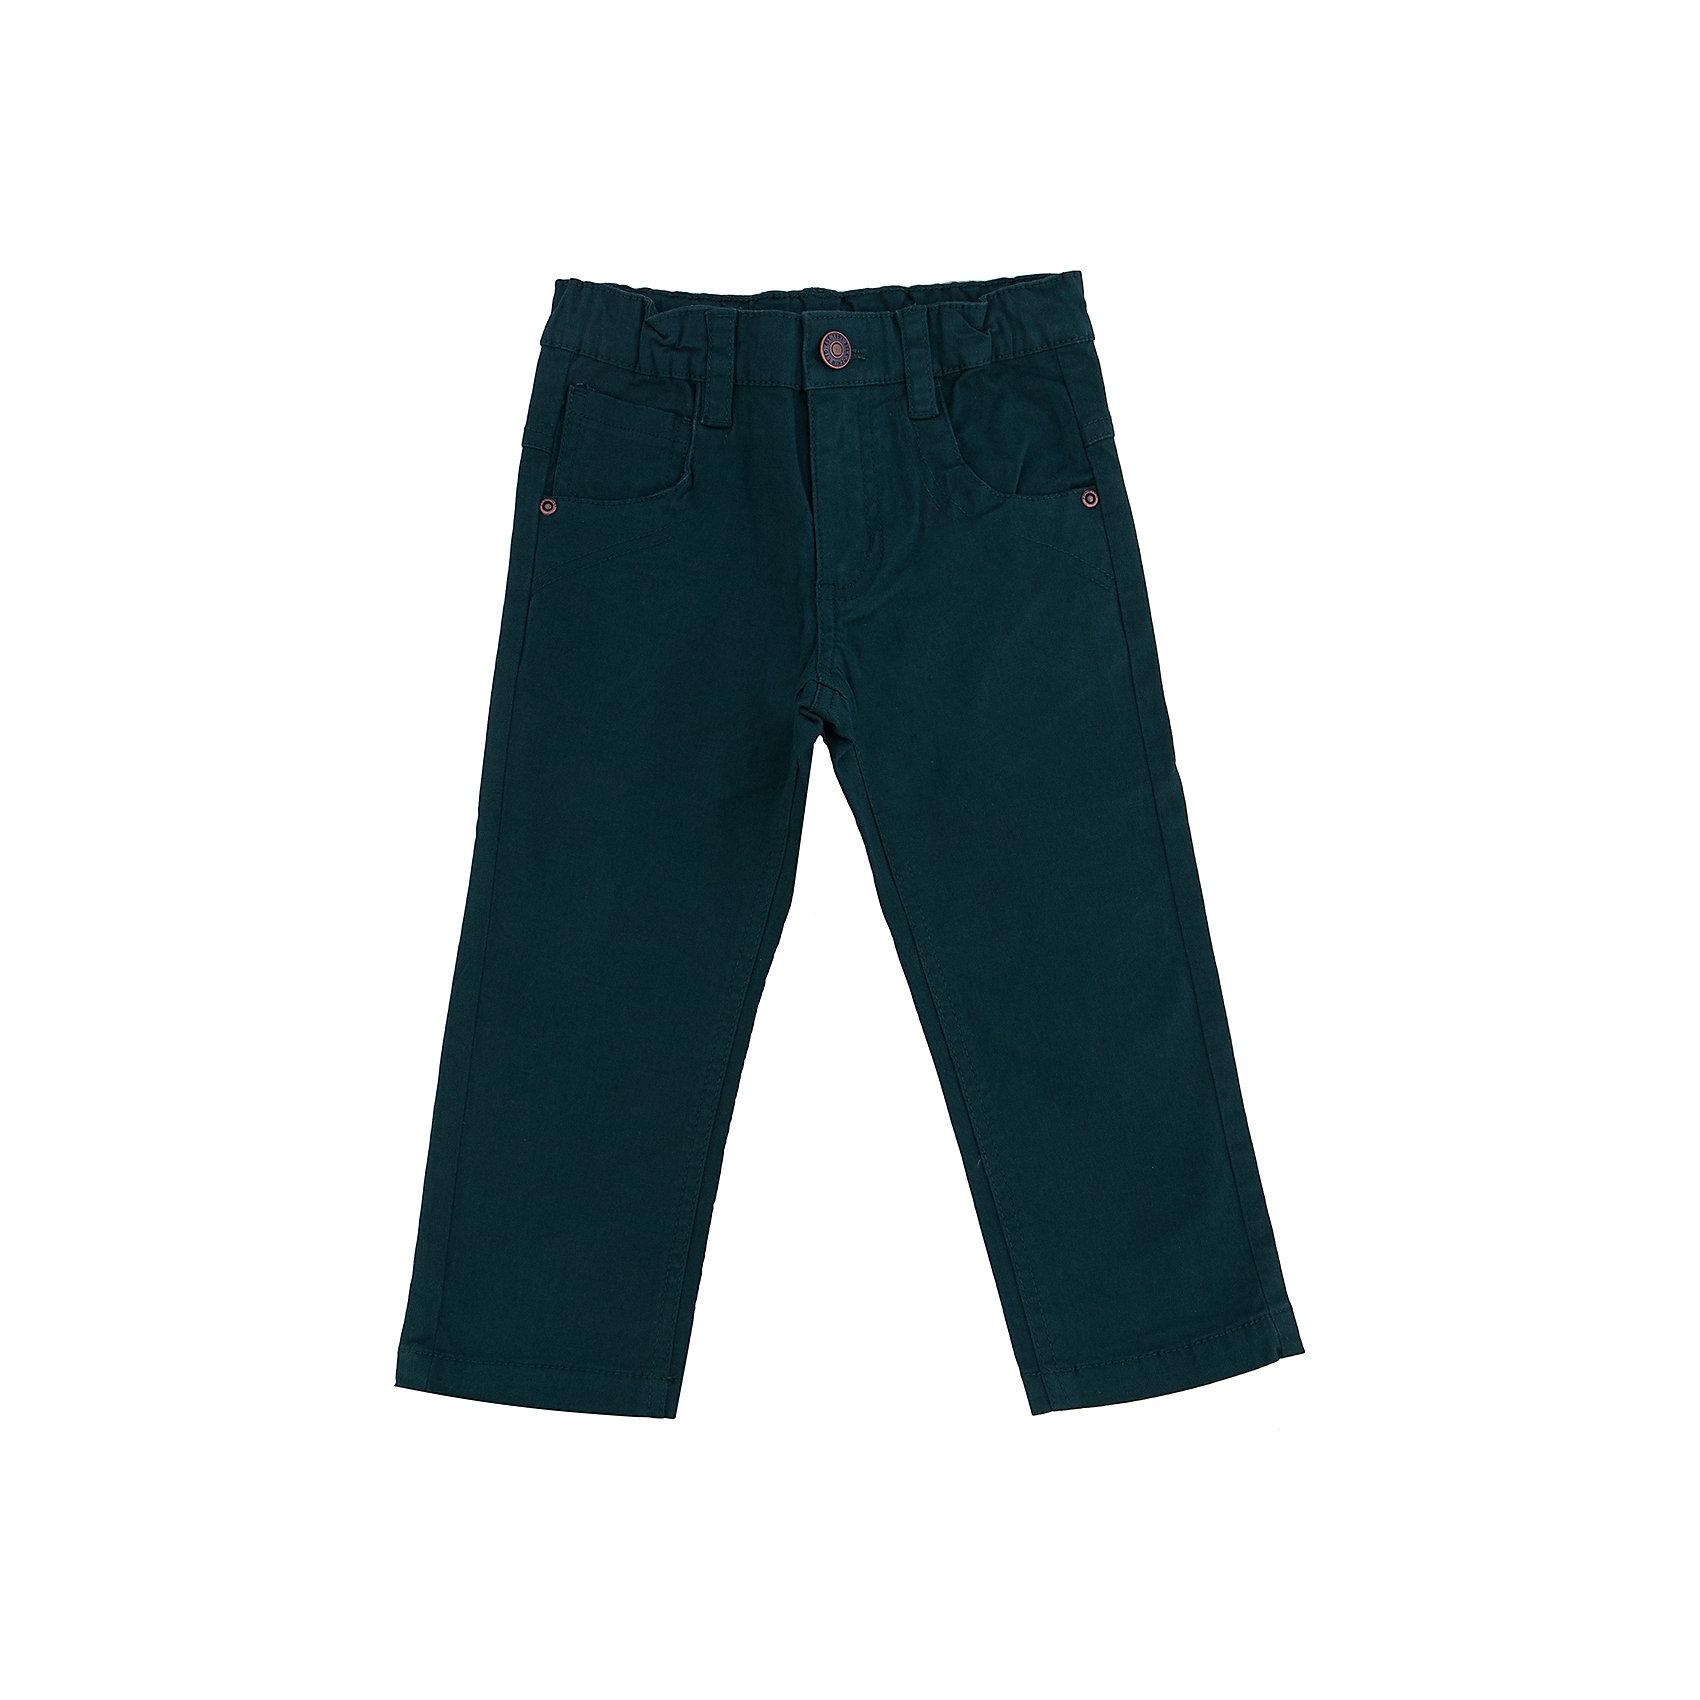 Брюки для мальчика SELAУниверсальные брюки - незаменимая вещь в детском гардеробе. Эта модель отлично сидит на ребенке, она сшита из плотного материала, натуральный хлопок не вызывает аллергии и обеспечивает ребенку комфорт. Модель станет отличной базовой вещью, которая будет уместна в различных сочетаниях.<br>Одежда от бренда Sela (Села) - это качество по приемлемым ценам. Многие российские родители уже оценили преимущества продукции этой компании и всё чаще приобретают одежду и аксессуары Sela.<br><br>Дополнительная информация:<br><br>прямой силуэт;<br>материал: 98% хлопок, 2% эластан;<br>плотный материал.<br><br>Брюки для мальчика от бренда Sela можно купить в нашем интернет-магазине.<br><br>Ширина мм: 215<br>Глубина мм: 88<br>Высота мм: 191<br>Вес г: 336<br>Цвет: зеленый<br>Возраст от месяцев: 18<br>Возраст до месяцев: 24<br>Пол: Мужской<br>Возраст: Детский<br>Размер: 92,116,110,104,98<br>SKU: 4883572